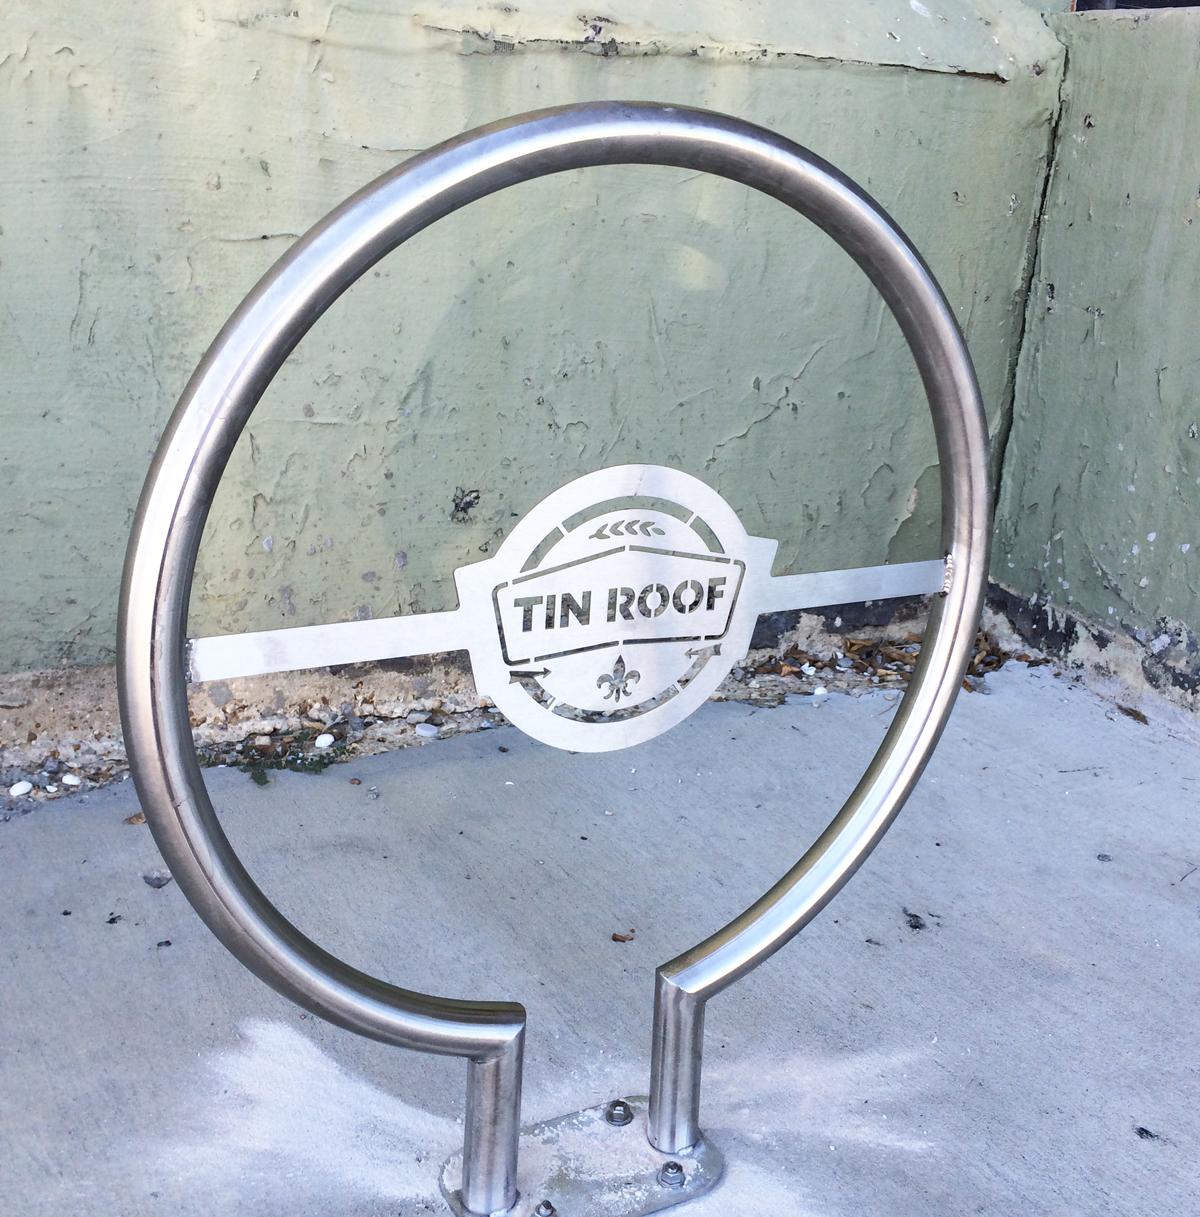 bike rack-tin roof.jpg